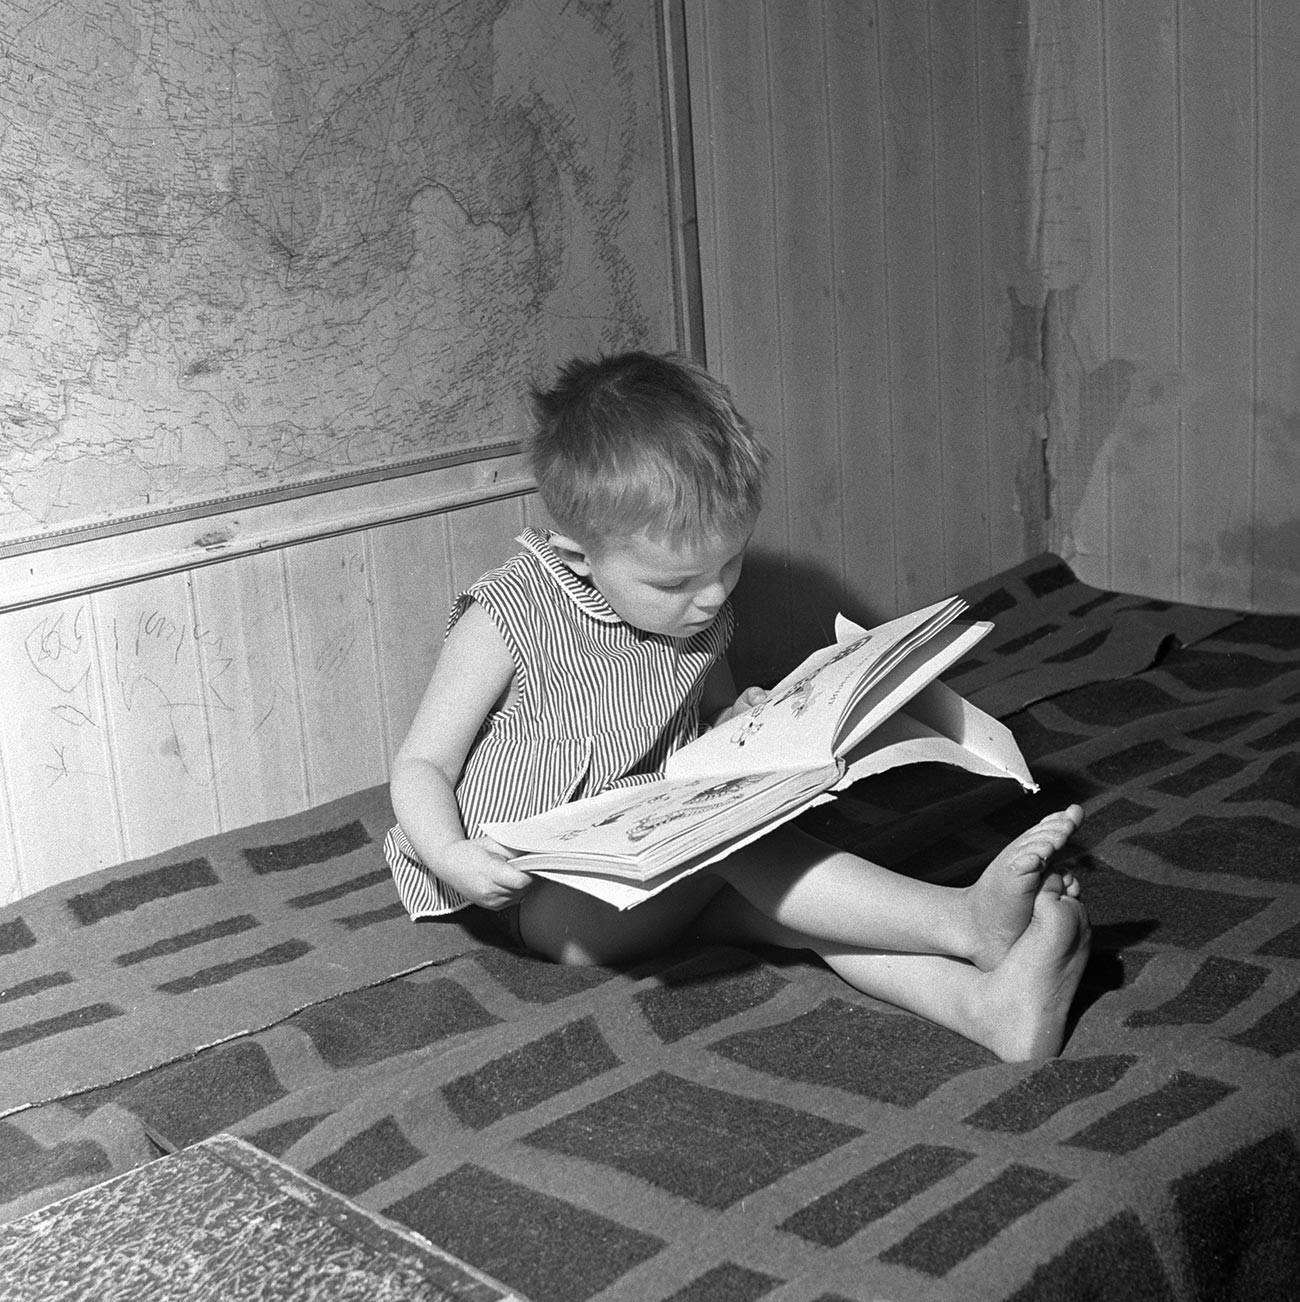 Djeca su uživala u bogatom obrazovnom okruženju u kojem su mogla učiti matematiku i čitati. 1968.